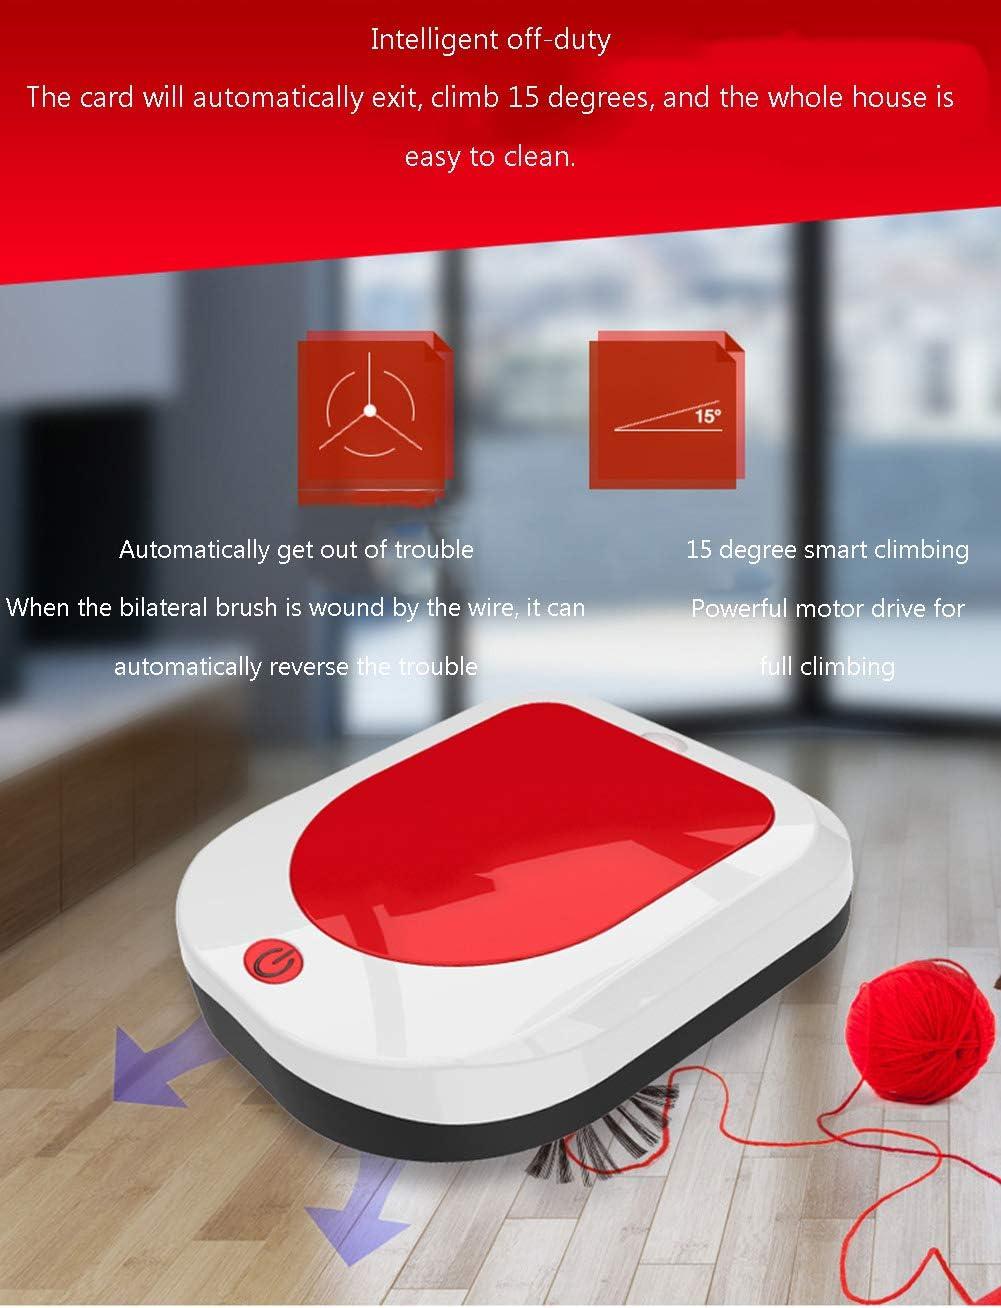 XFZ-YFT Robot aspirateur Intelligent, Chargement à Domicile de la capacité de la boîte à poussière 450ML pour Les sols à Surface Dure et Les Tapis Minces,Red Black